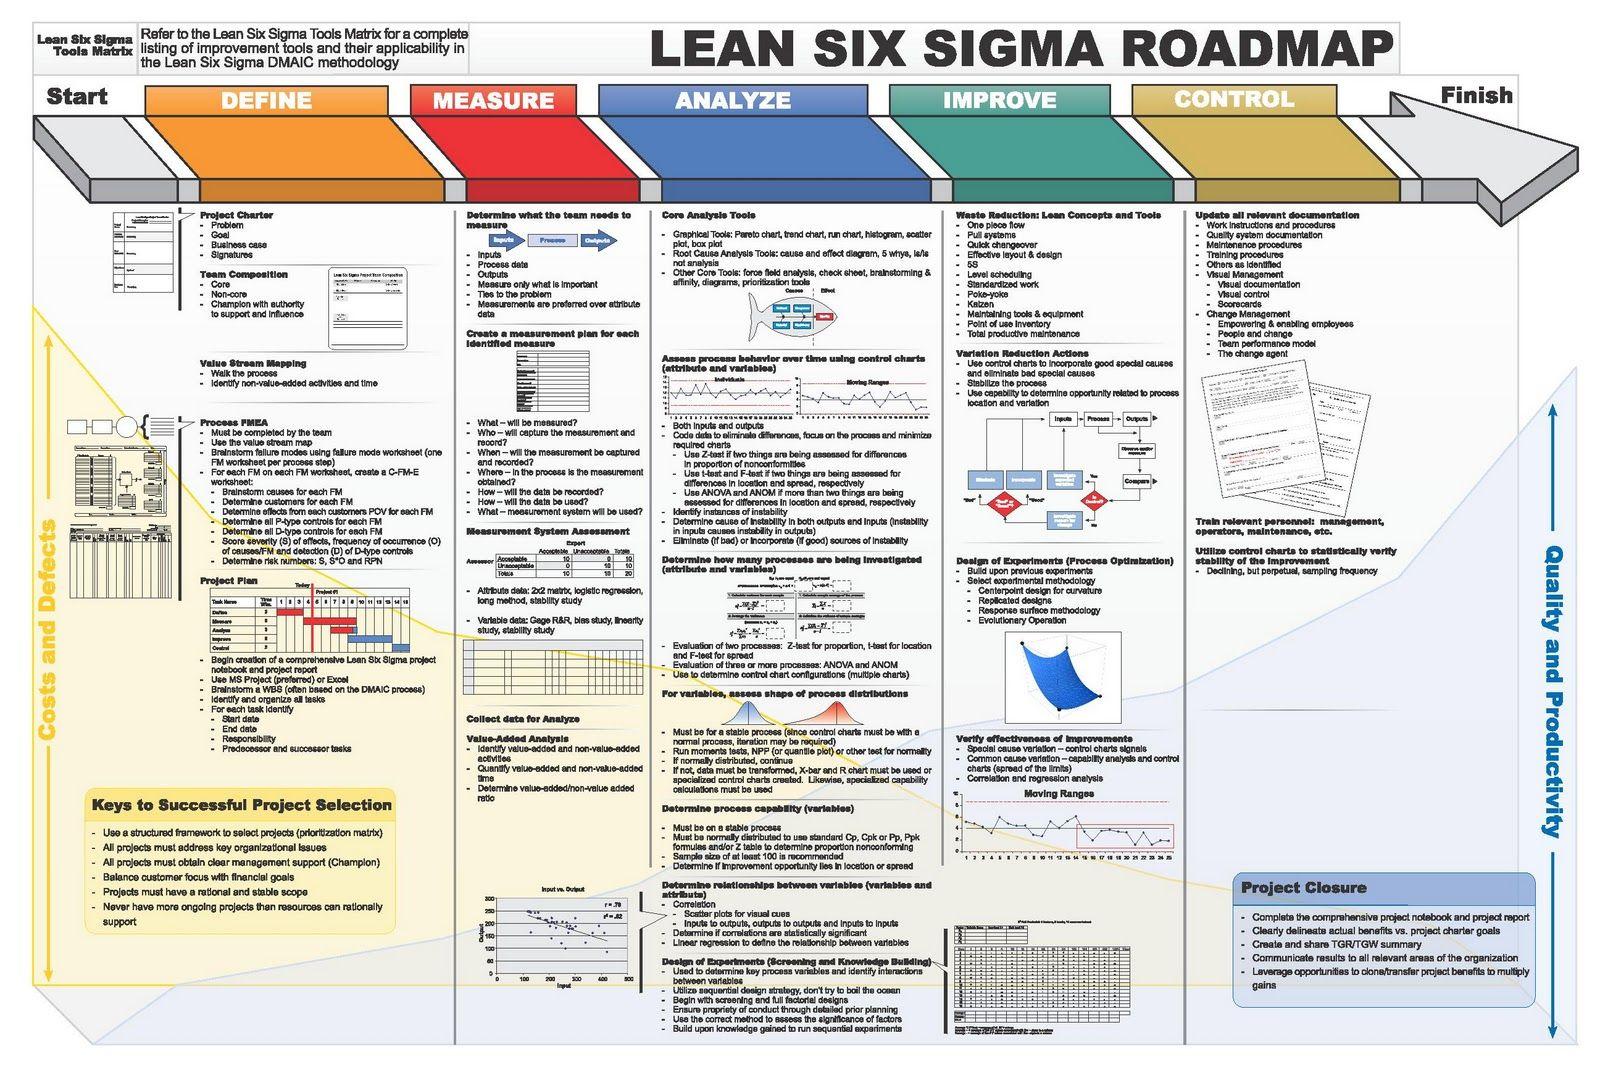 lss dmaic roadmap huge 1600 1067  [ 1600 x 1067 Pixel ]